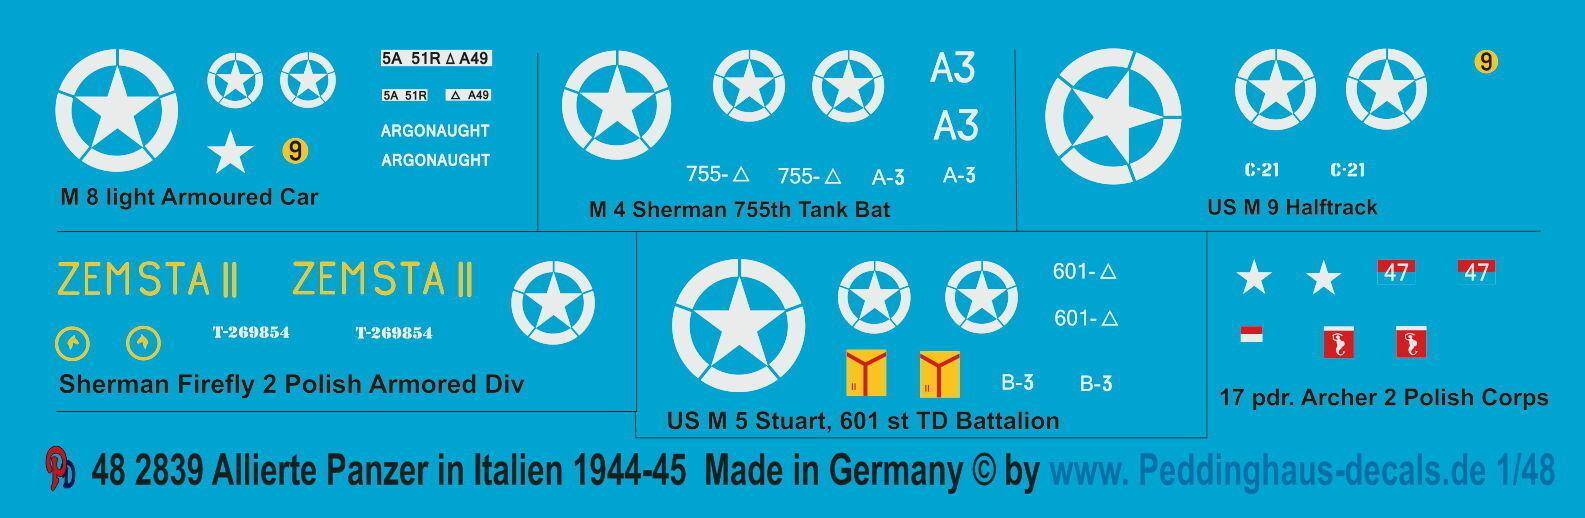 Peddinghaus 2839 1 48 ALLIERTE Panzer en Italia 1944-45